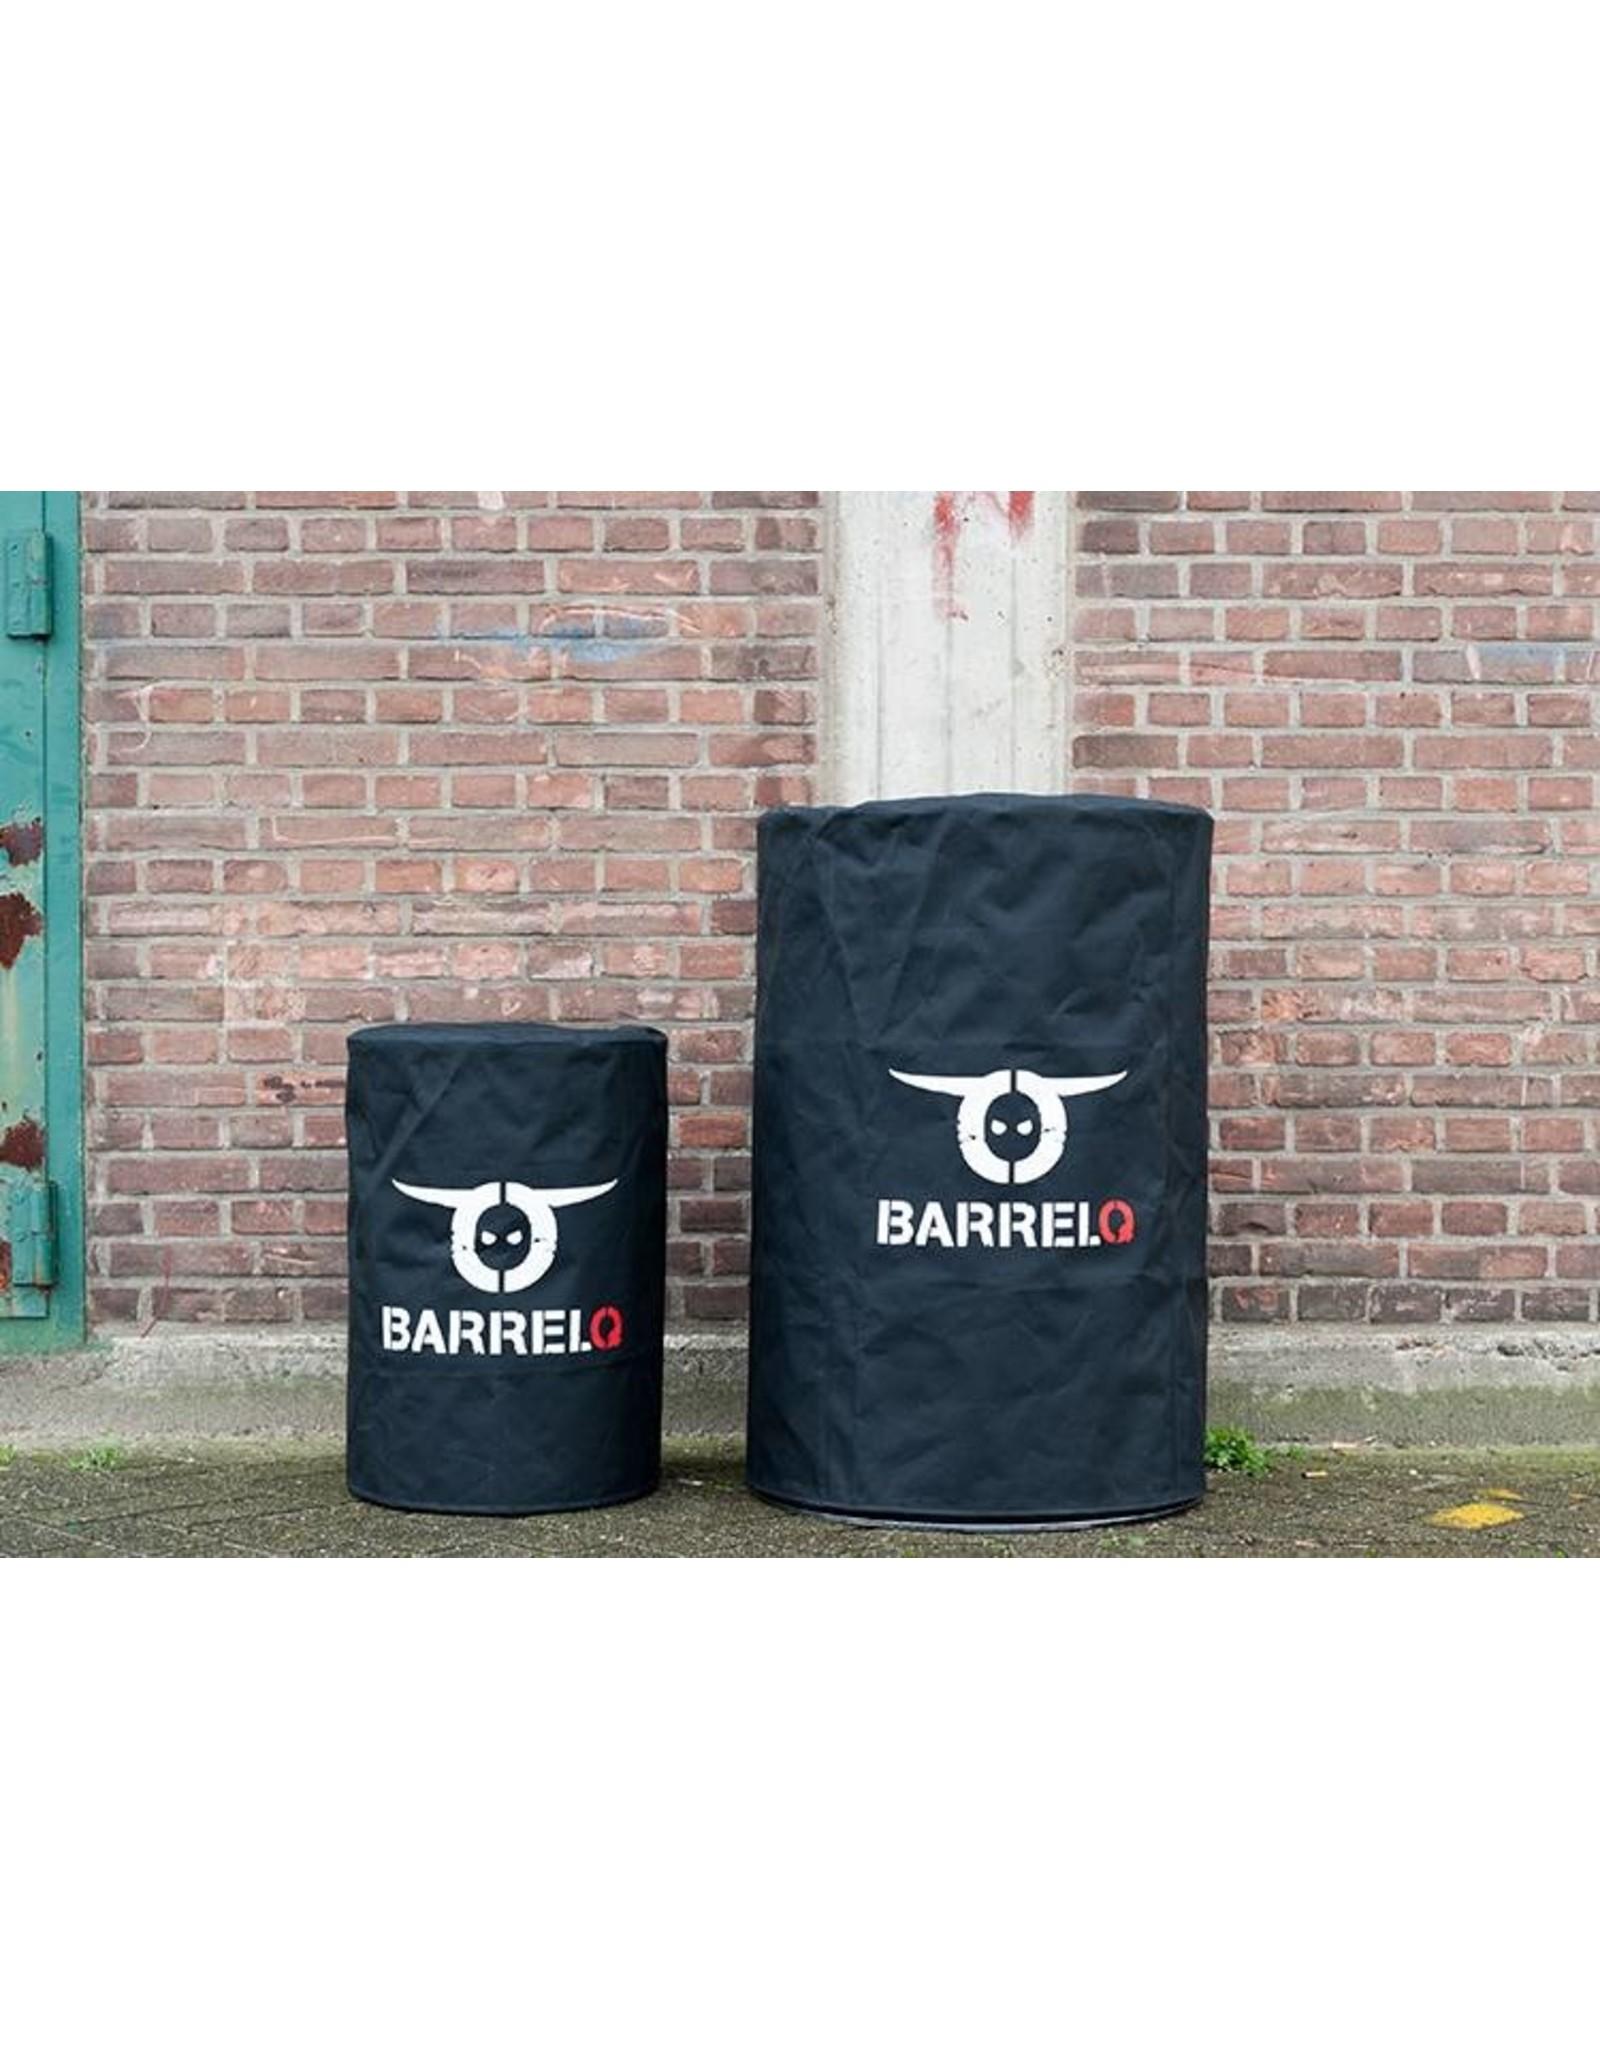 BarrelQ BarrelQ hoes small